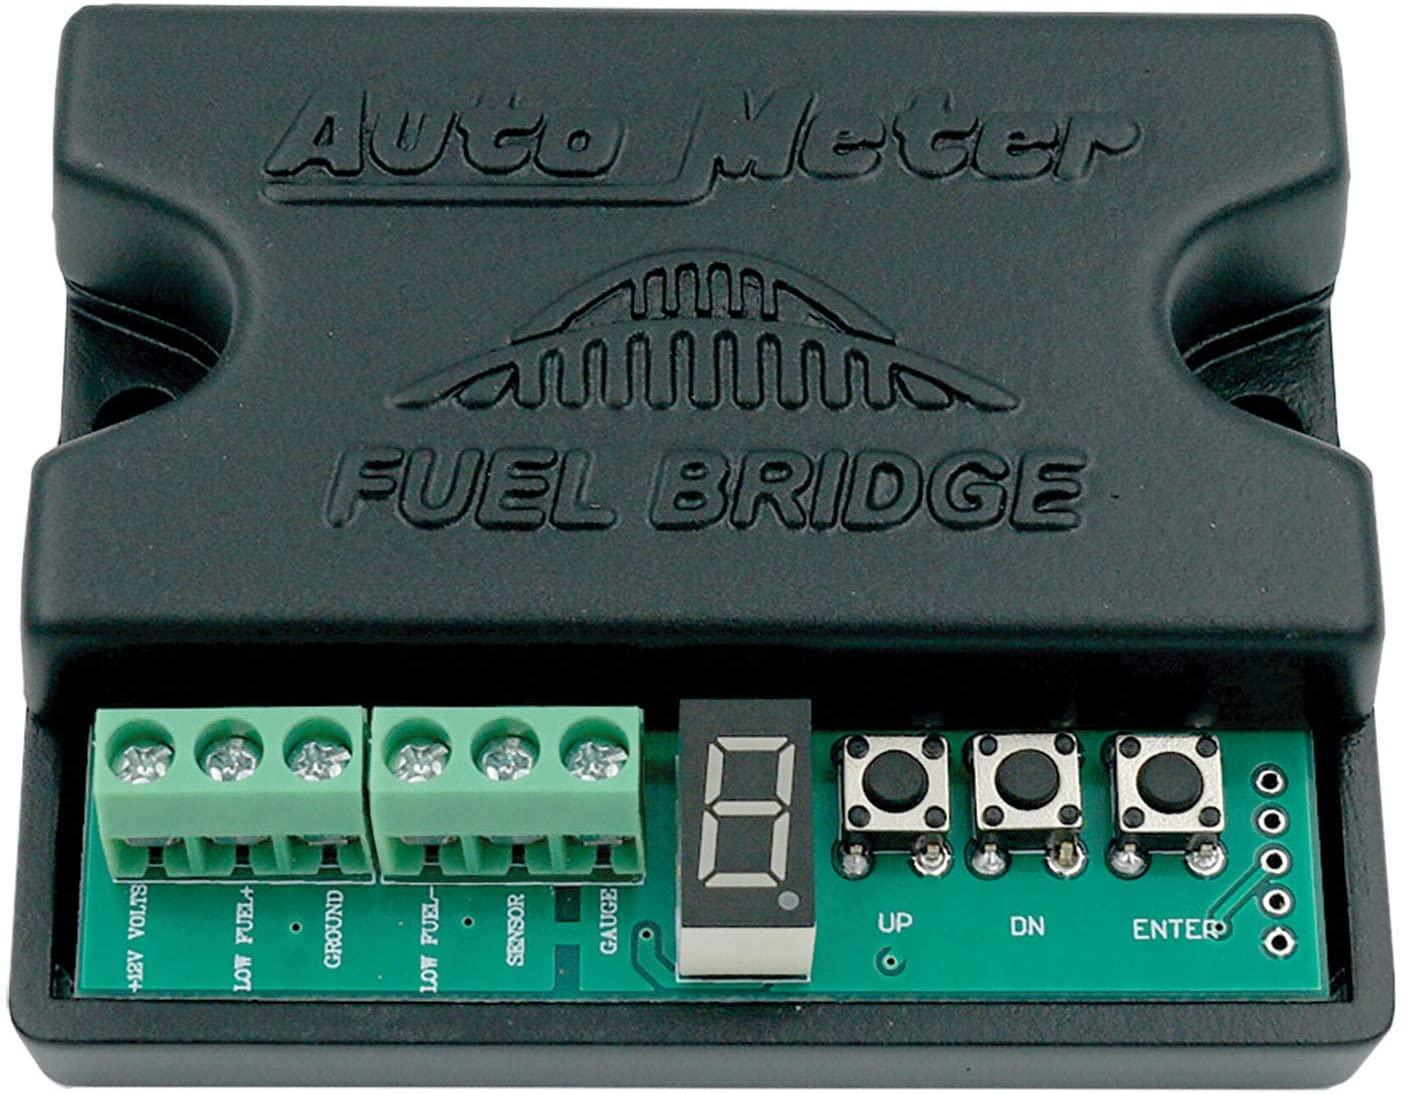 AUTO METER 9109 Fuel Bridge Sensor Adapter for AutoMeter Gauges